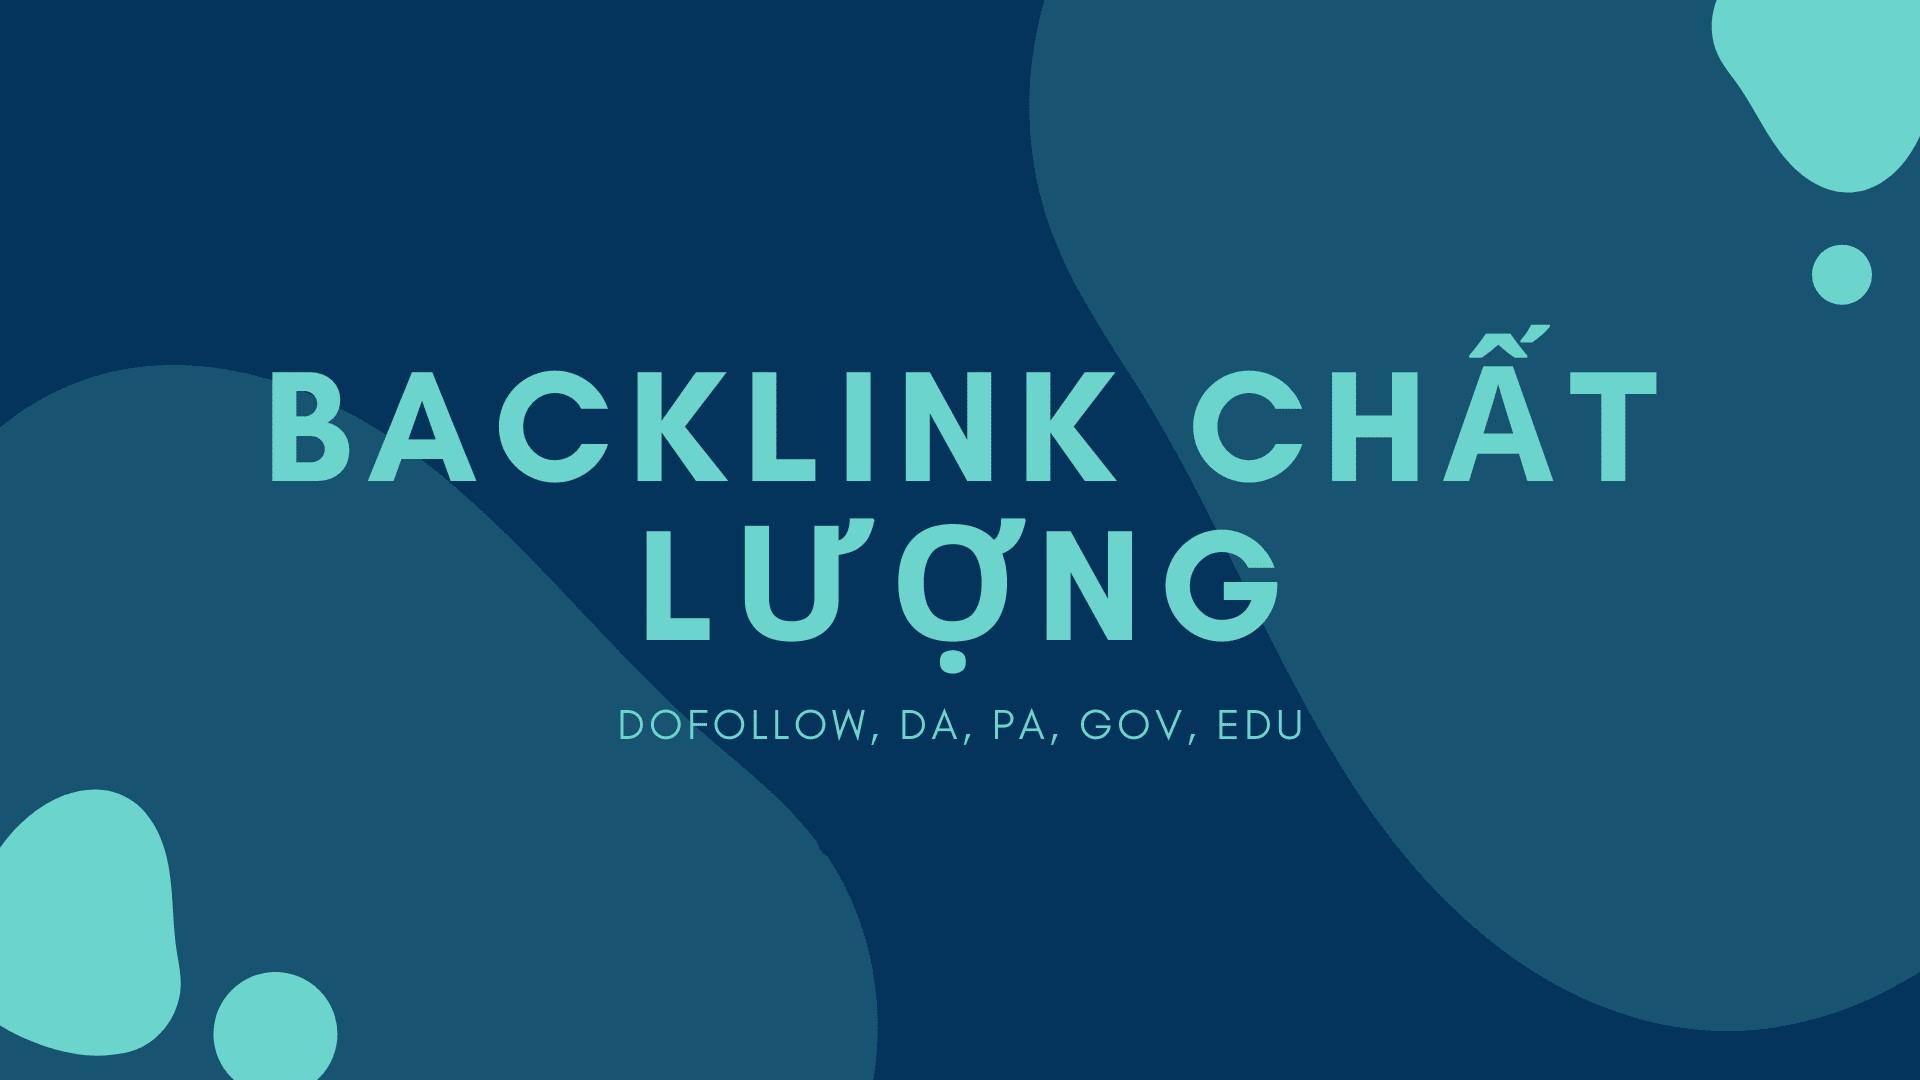 Backlink chất lượng là gì?